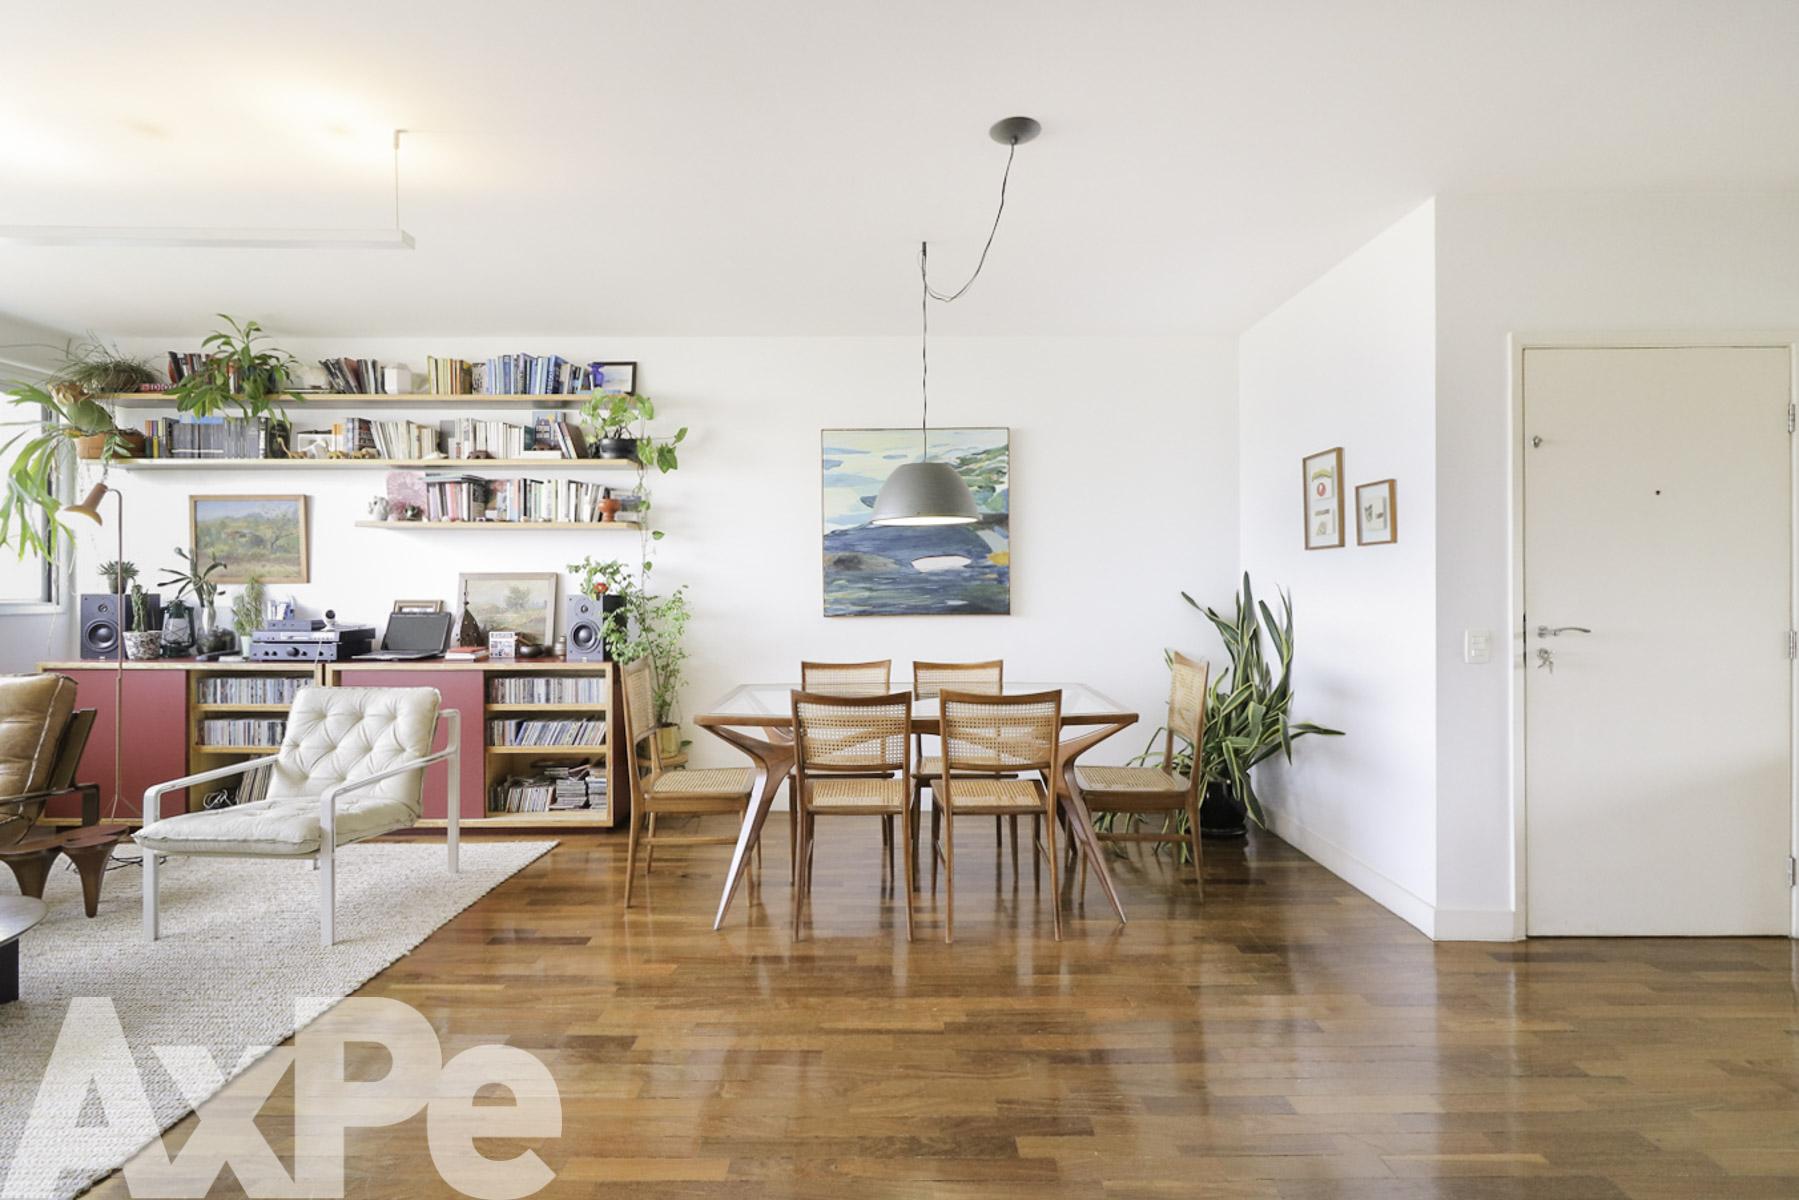 Axpe Apartamento - AX146914